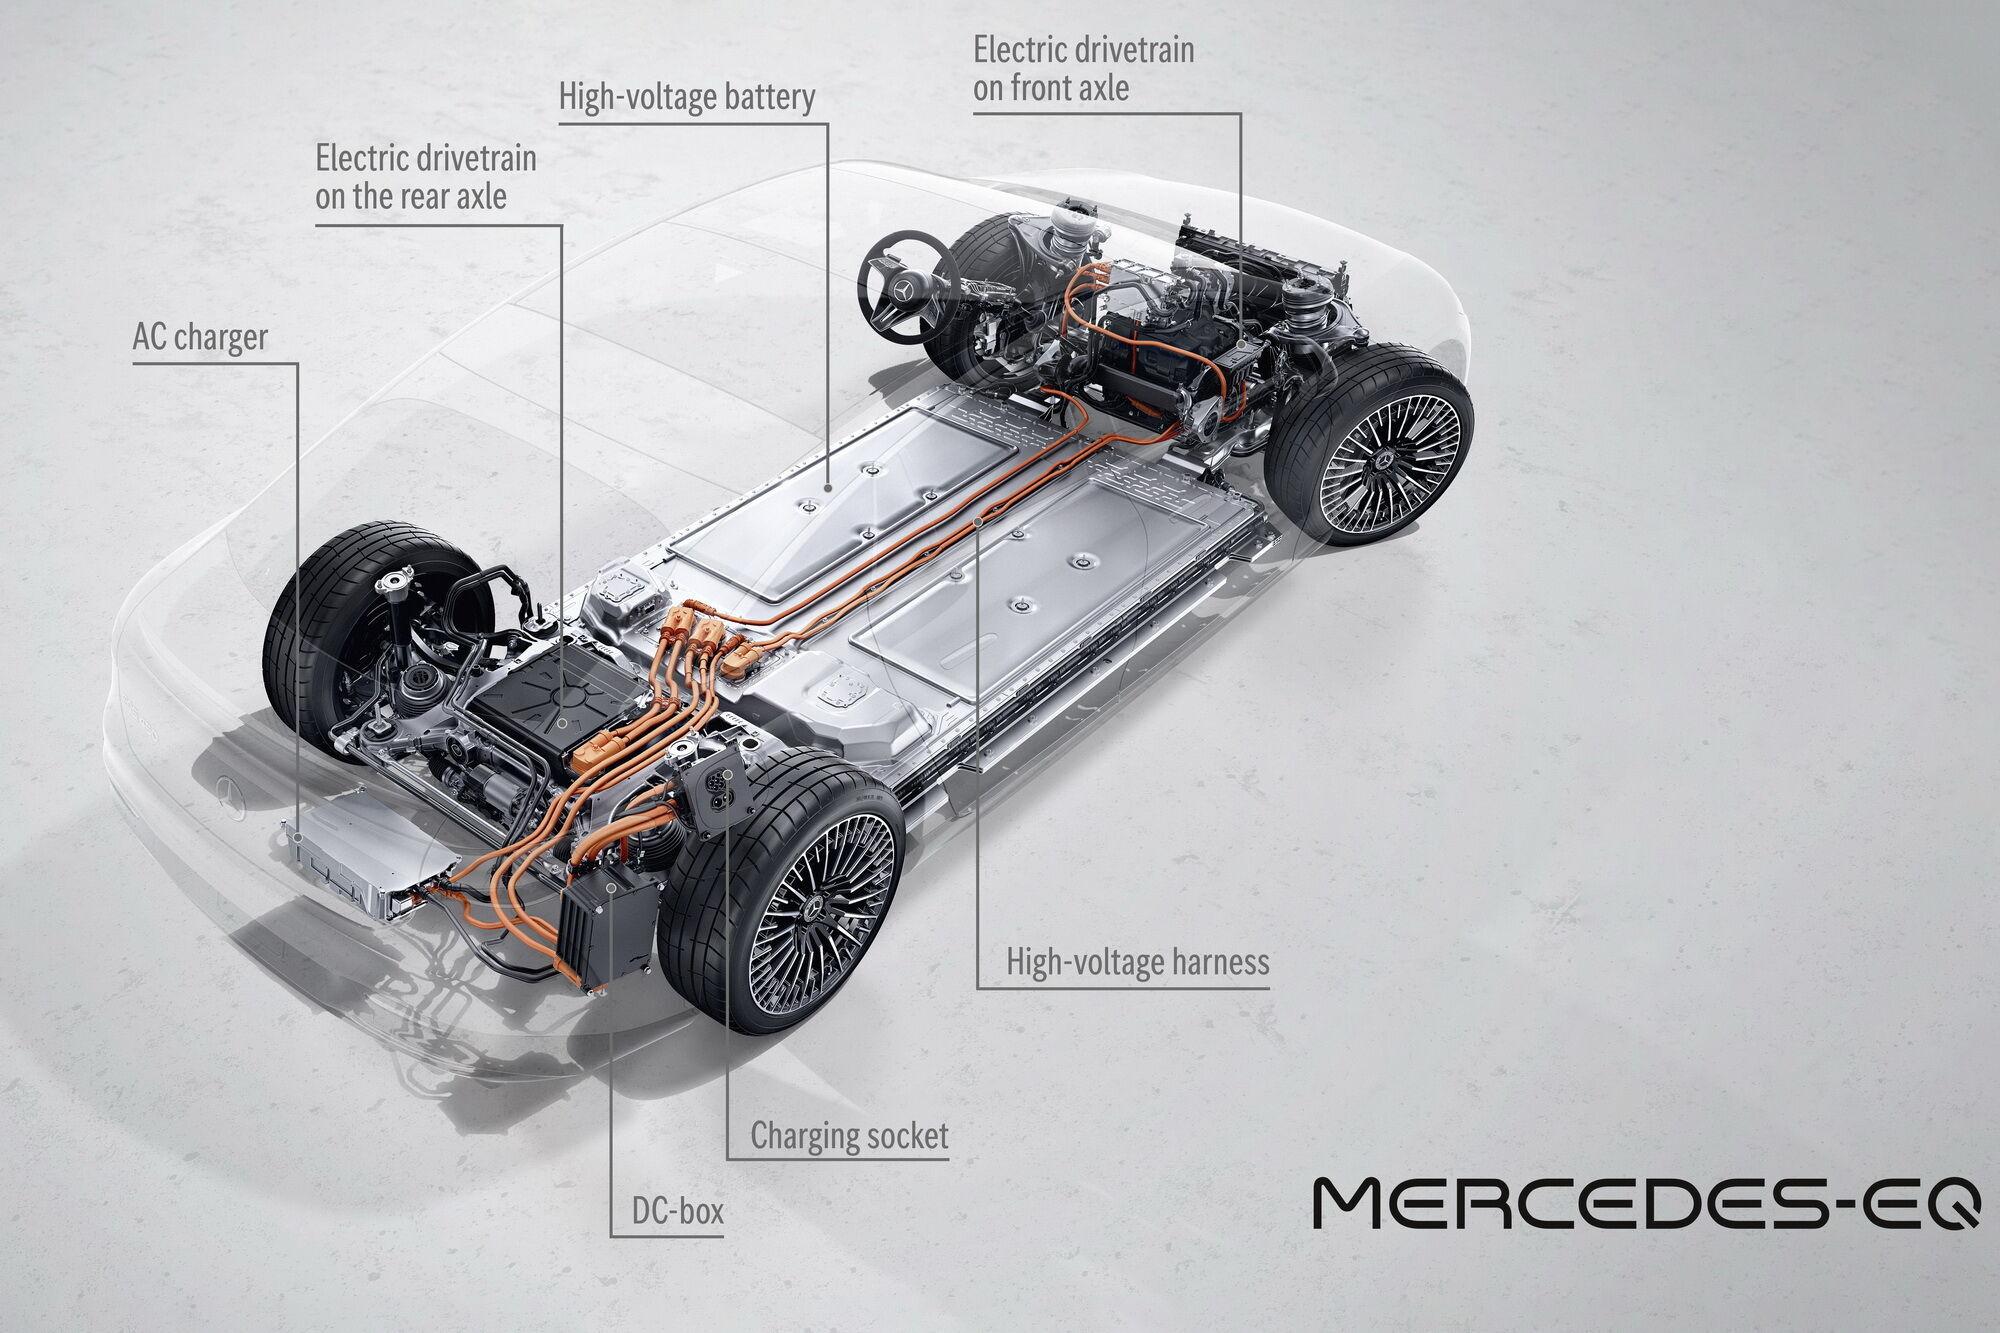 Корпус батареї є частиною силової структури кузова, до нього кріпляться передній та задній підрамники